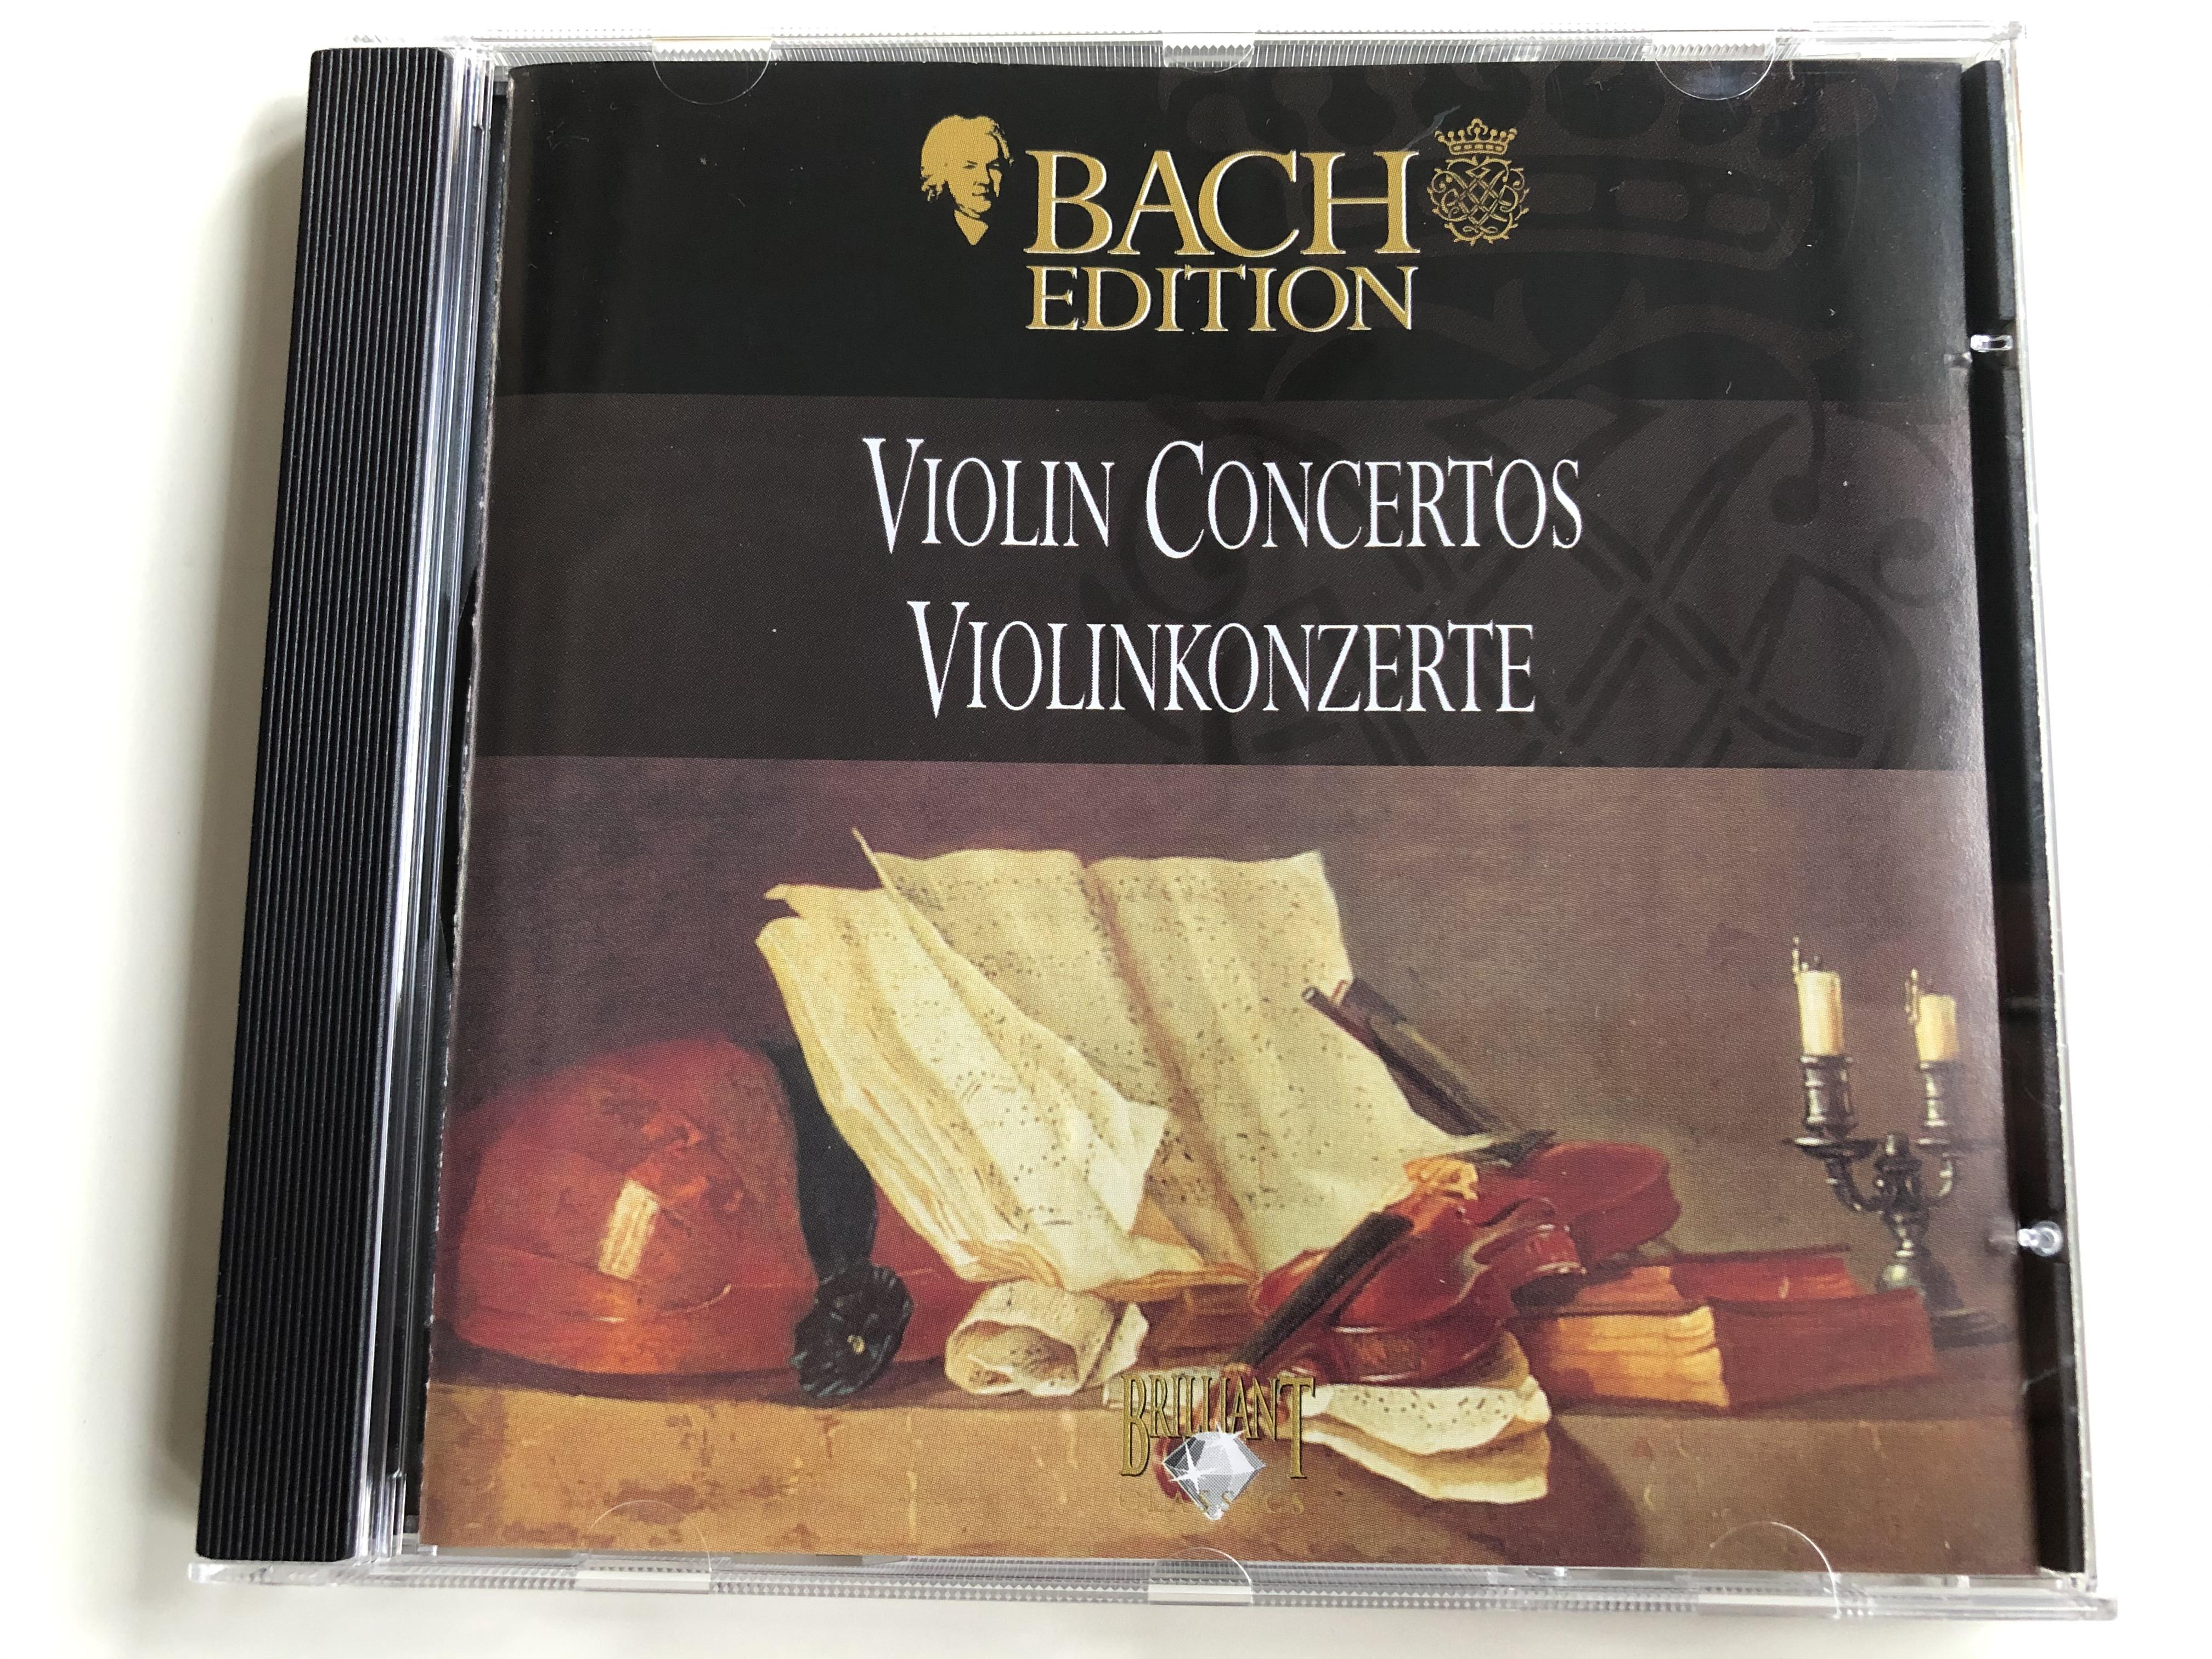 bach-edition-violin-concertos-violinkonzerte-brilliant-classics-audio-cd-993605-1-.jpg